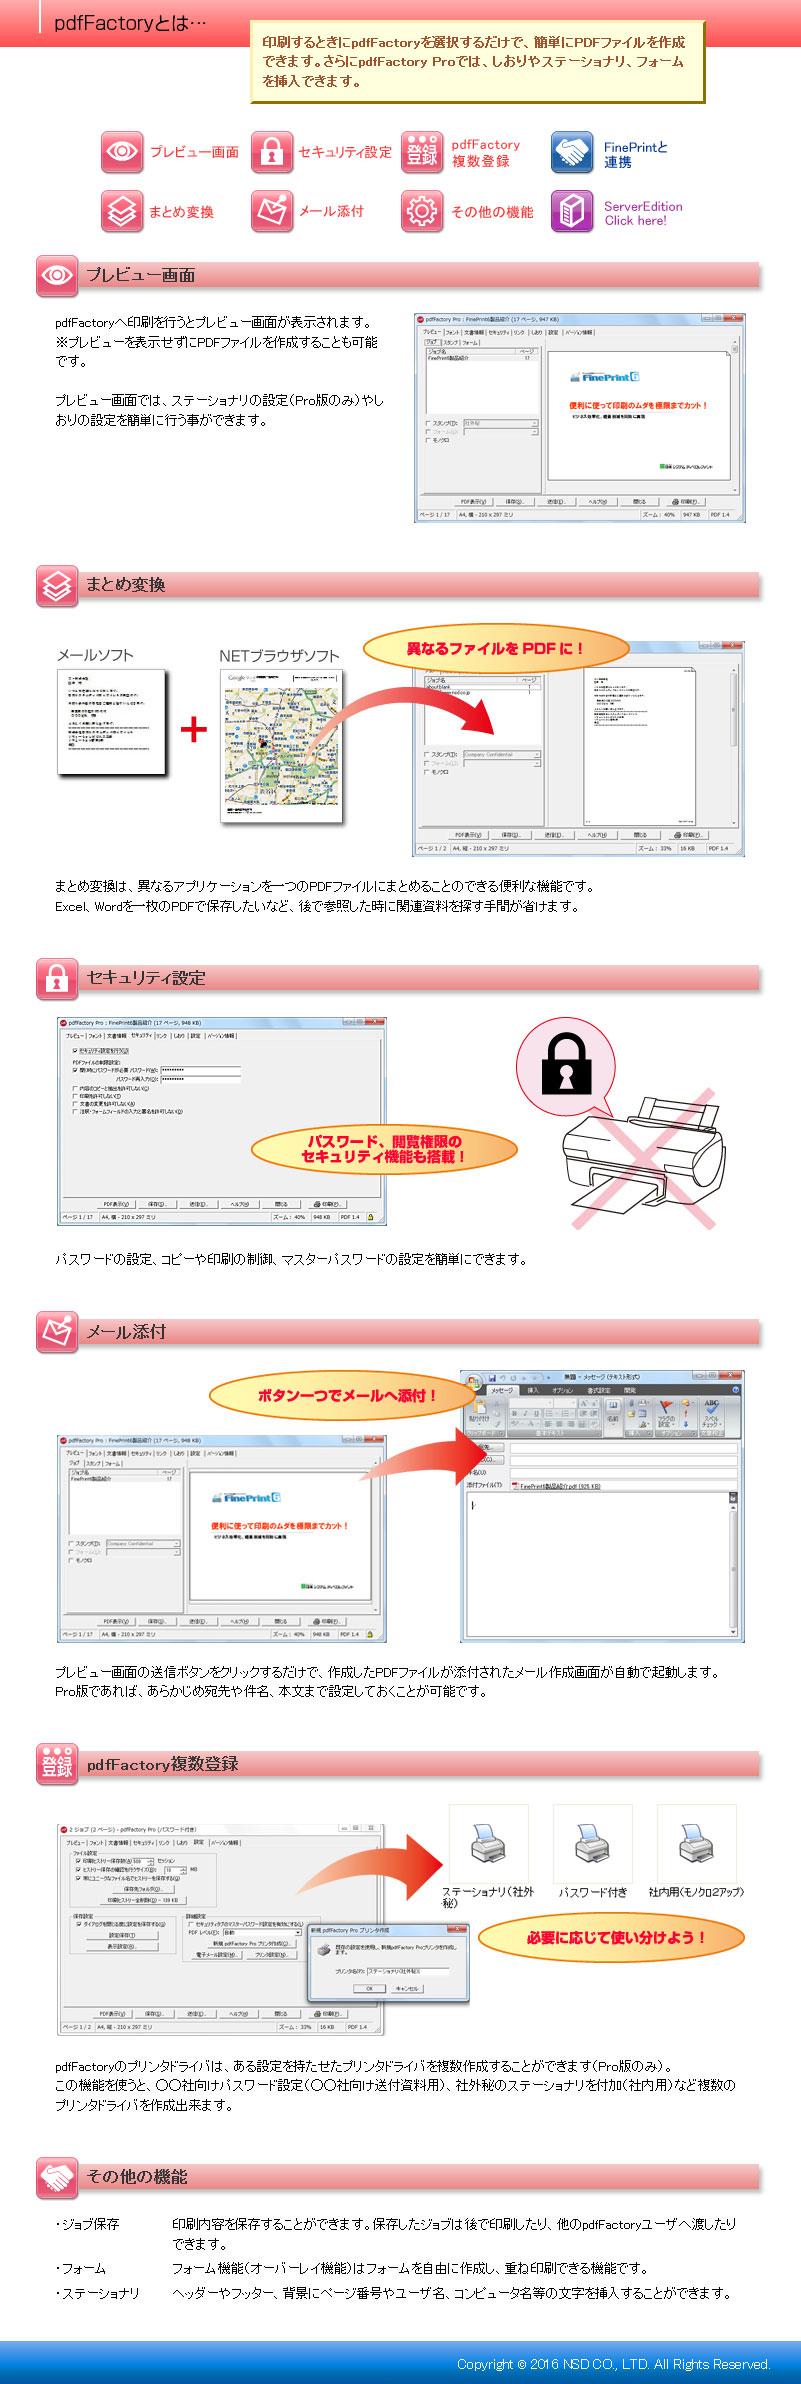 pdfFactory5 / 販売元:株式会社NSDビジネスイノベーション